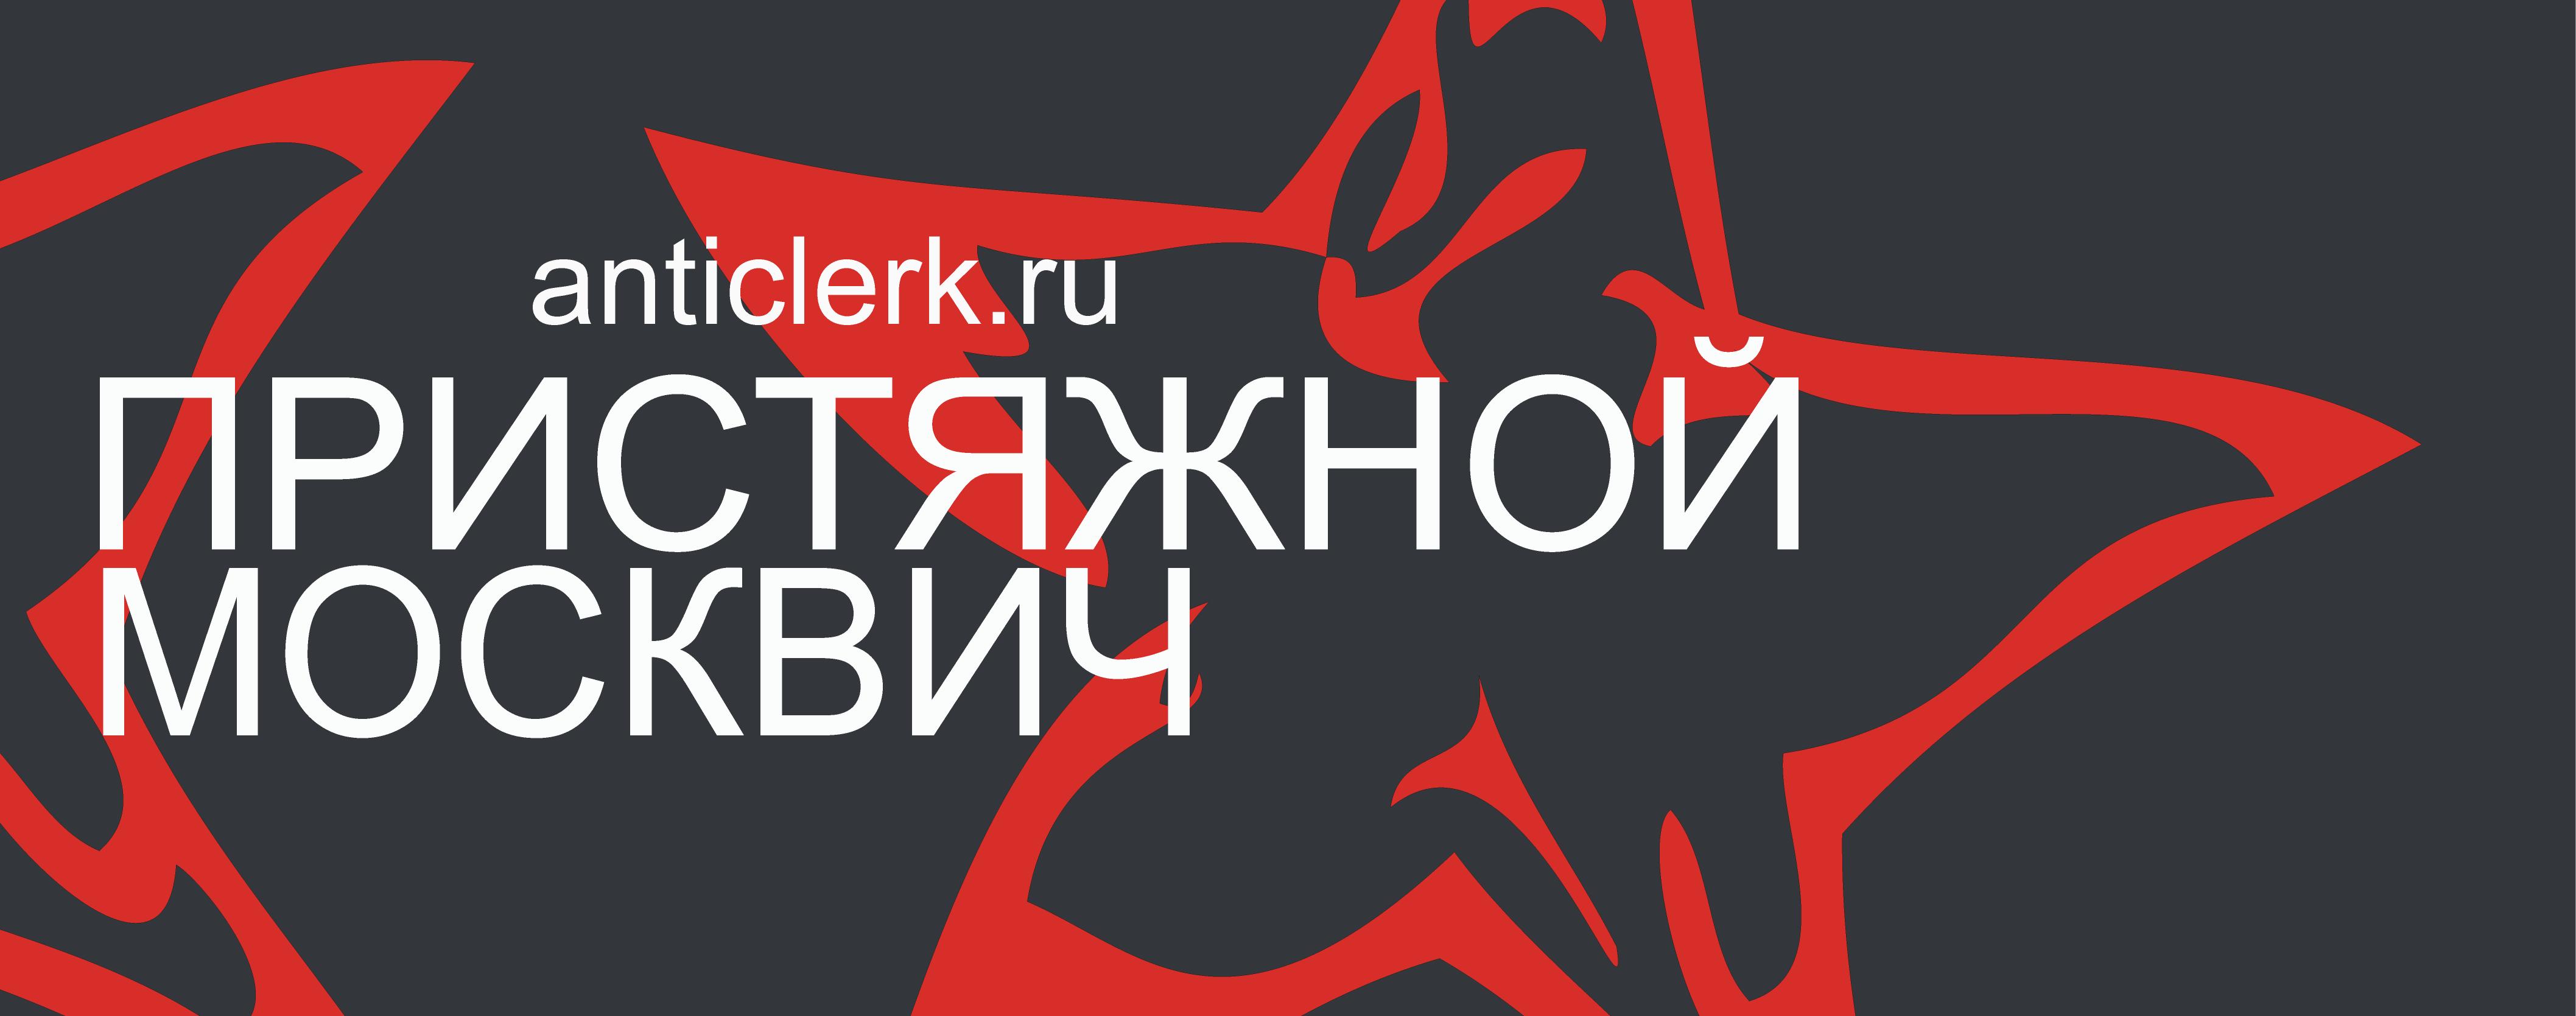 Фантом: образ России в творчестве зарубежных документалистов